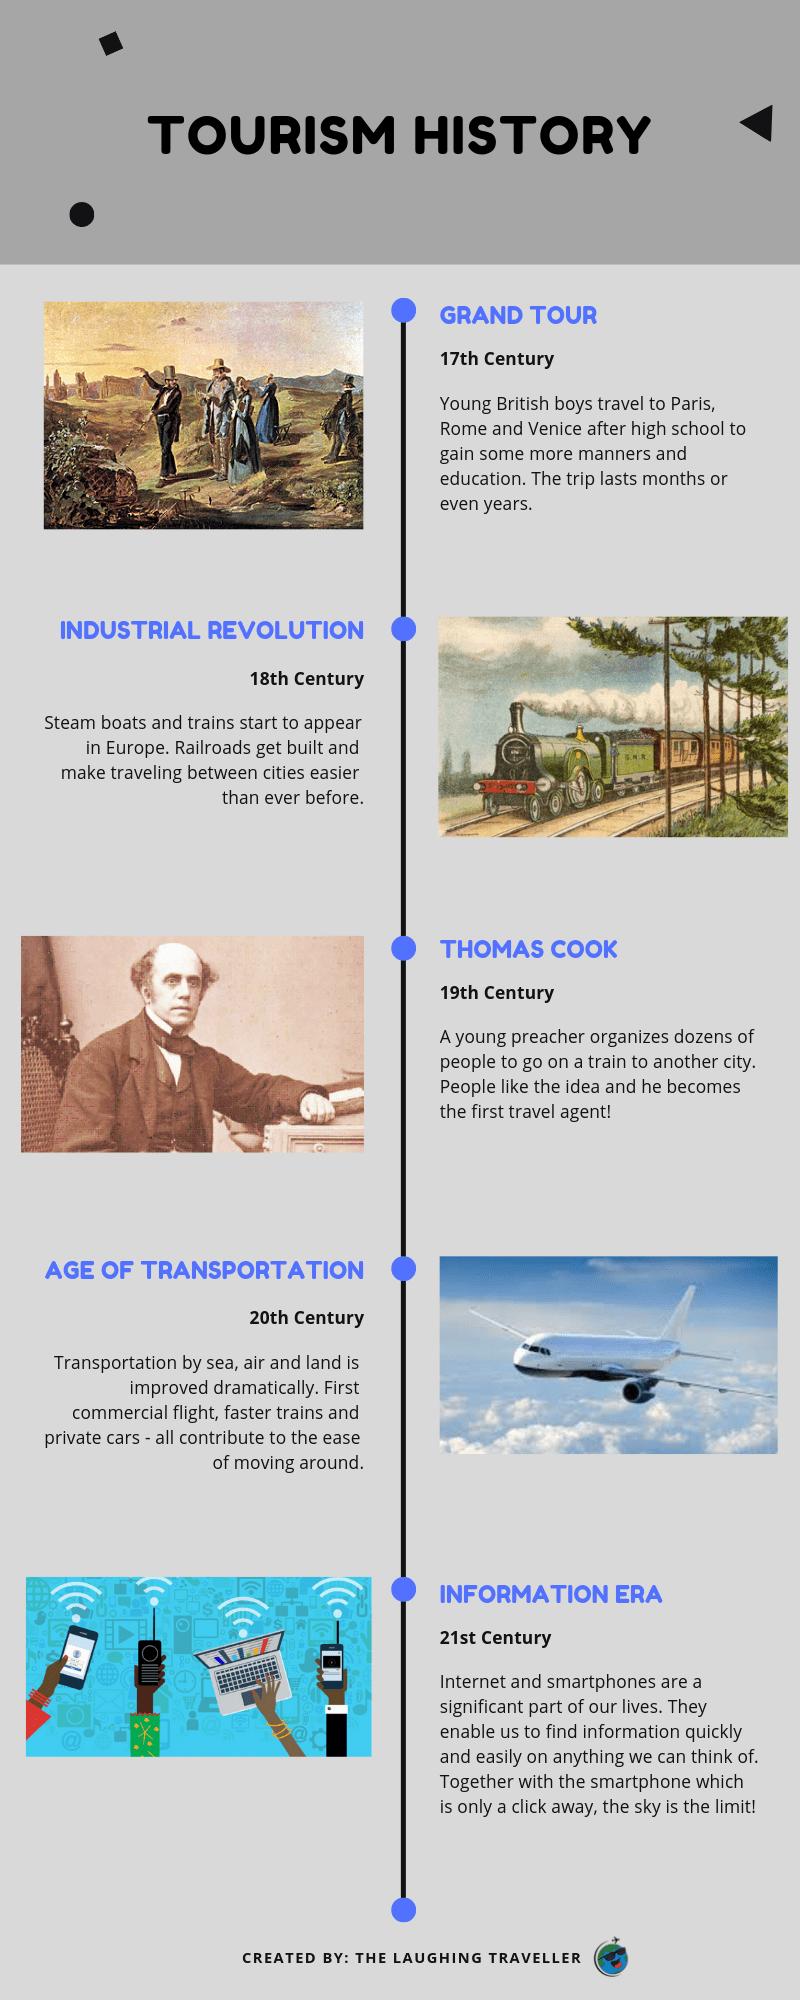 ההיסטוריה של התיירות